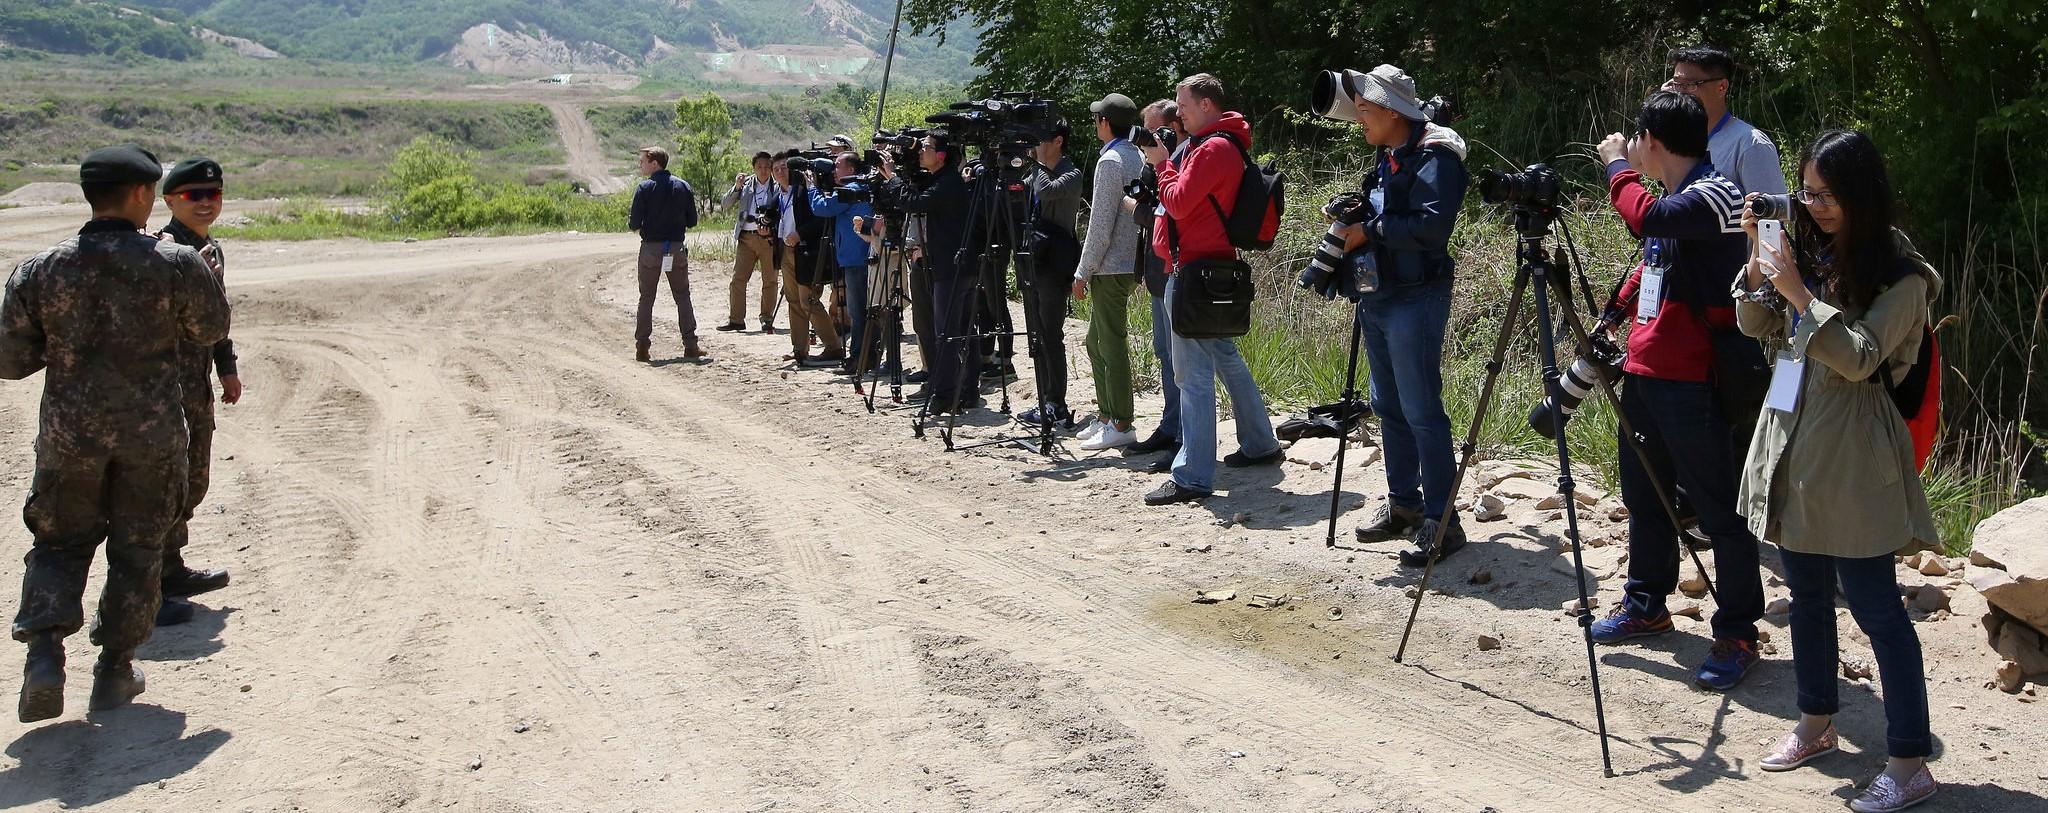 South Korea military tour for foreign correspondents (Photo: Republic of Korea/Flickr)